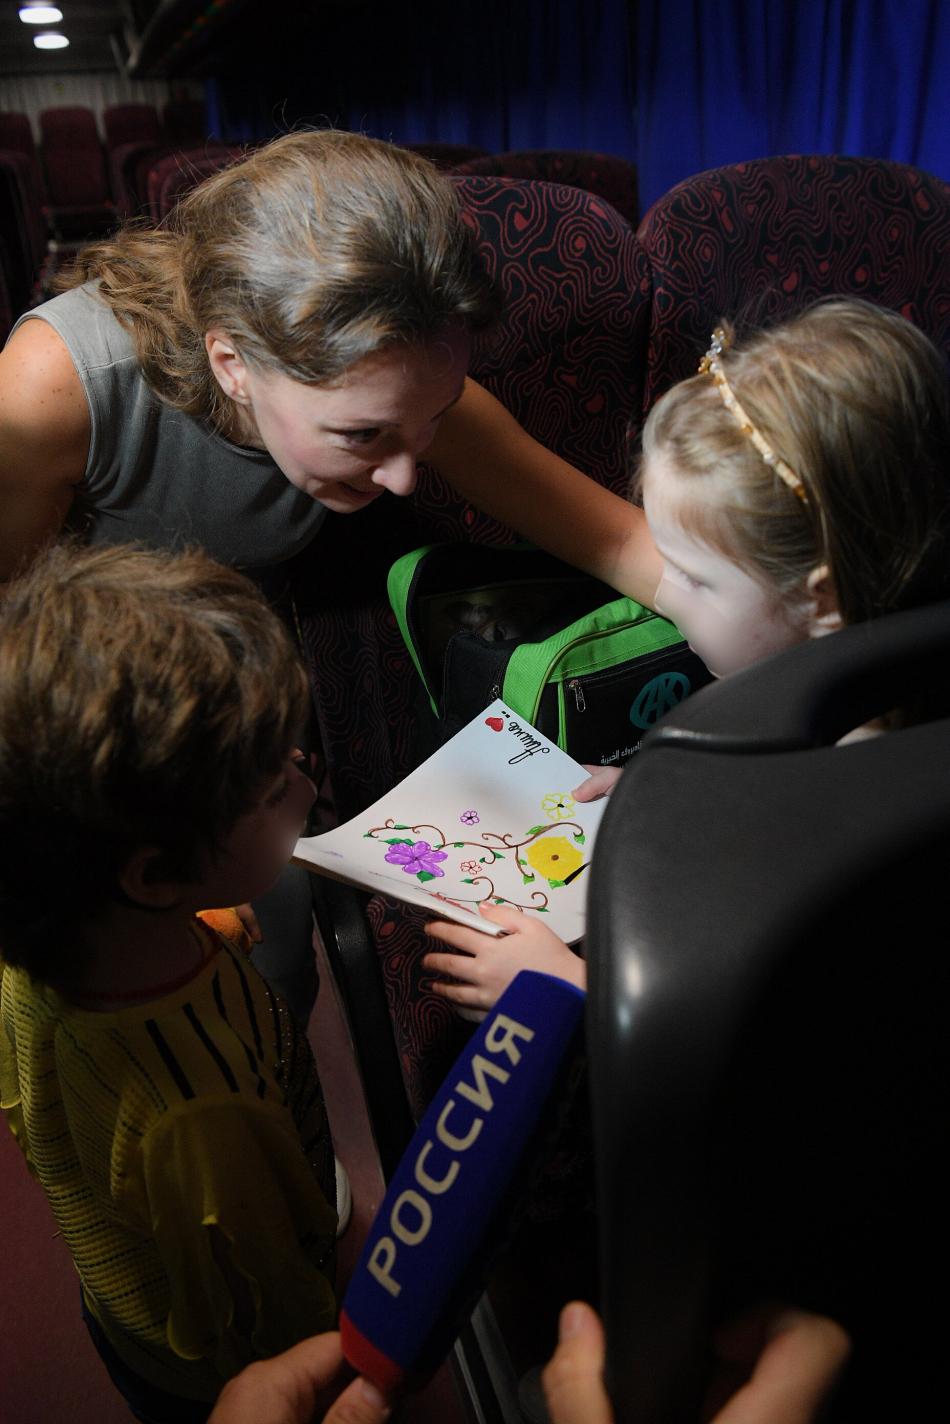 Анна Кузнецова вернула из Сирии на родину четырех российских детей